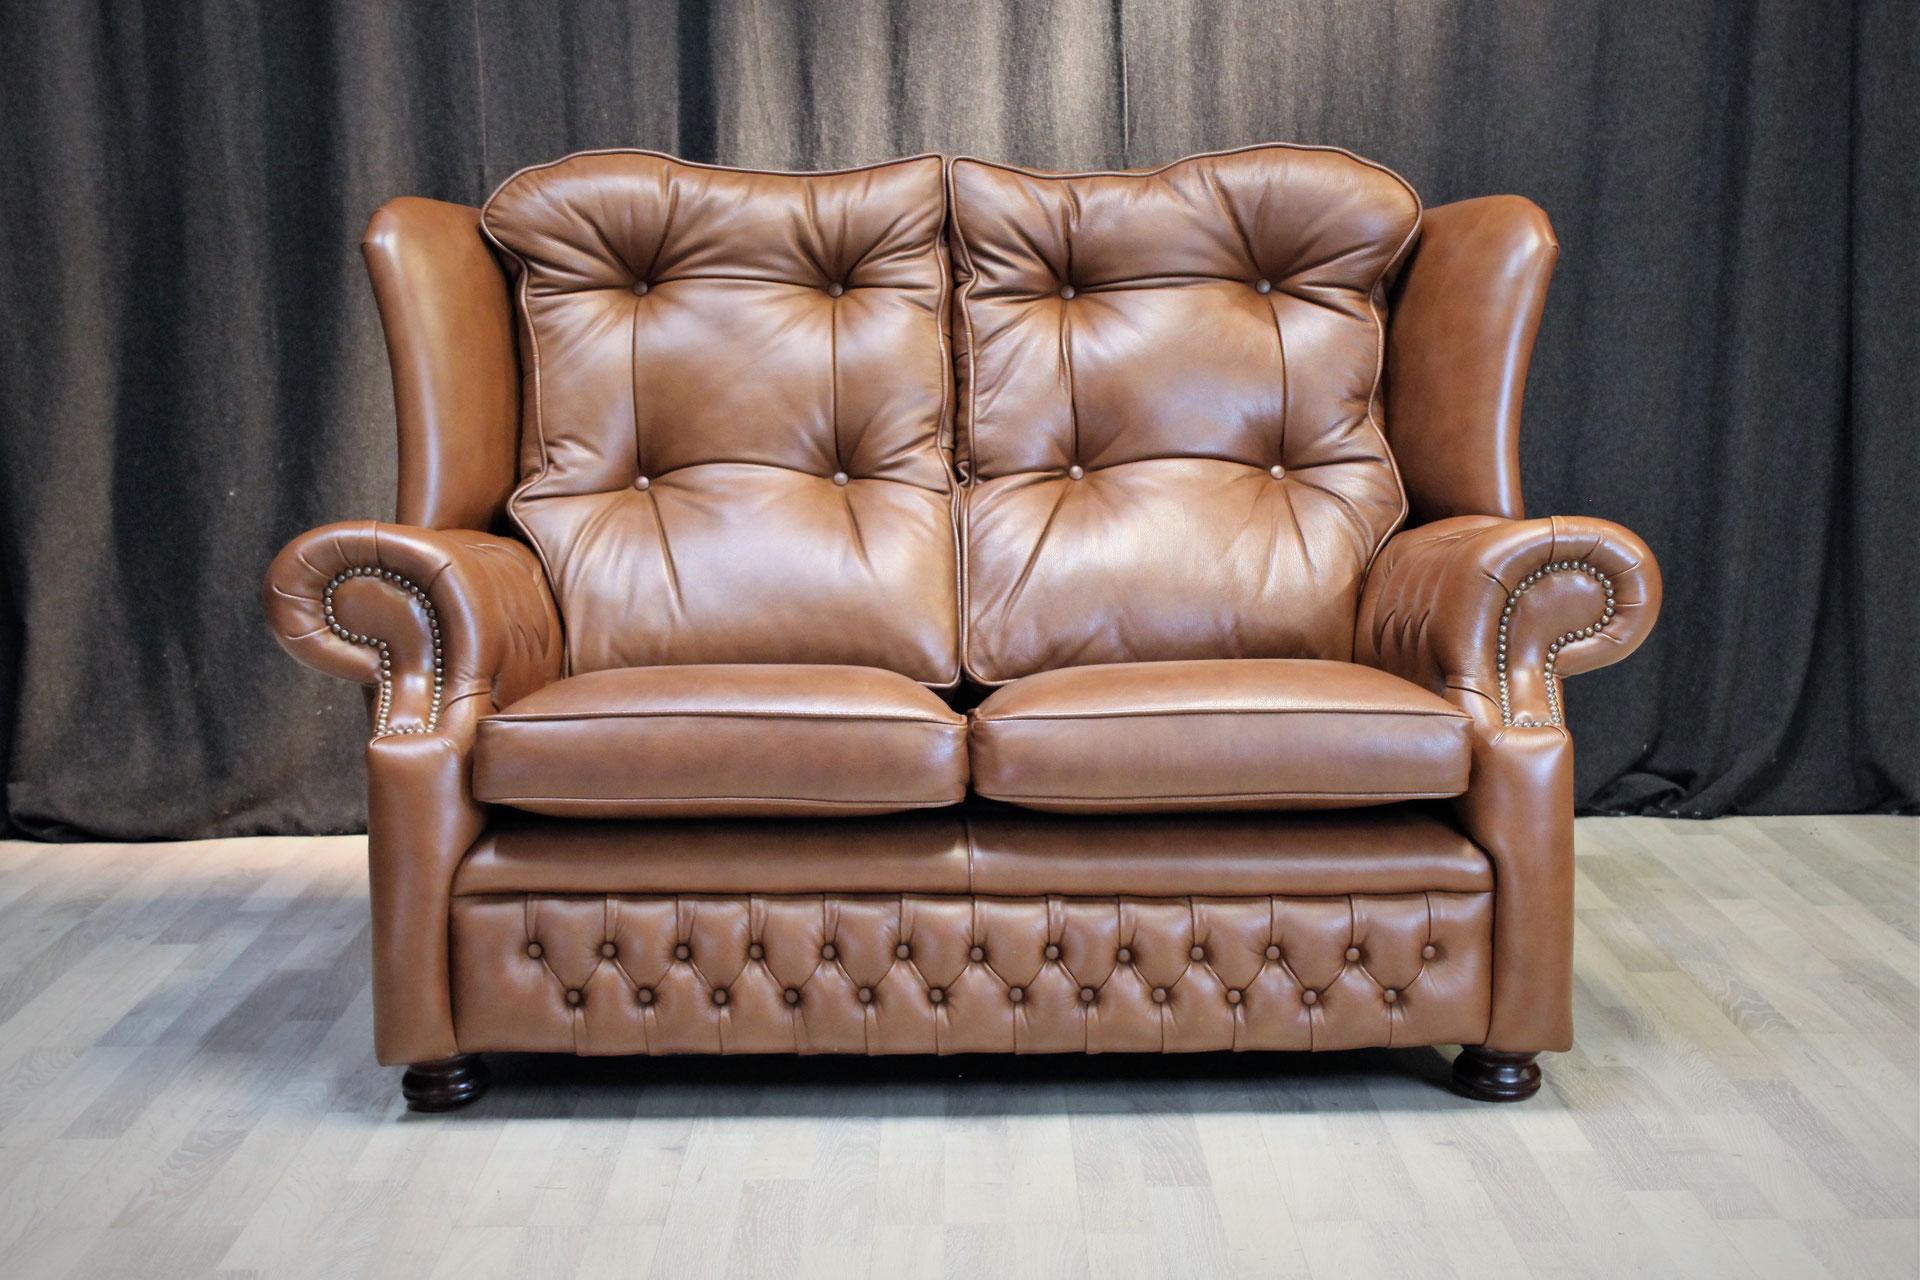 Full Size of Sofa Mit Elektrischer Sitztiefenverstellung Ikea Schlaffunktion Bunt Hay Mags Rattan 2 Sitzer Leder Echtleder Recamiere Esstisch Grau Stoff Jugendzimmer Sofa Sofa Englisch